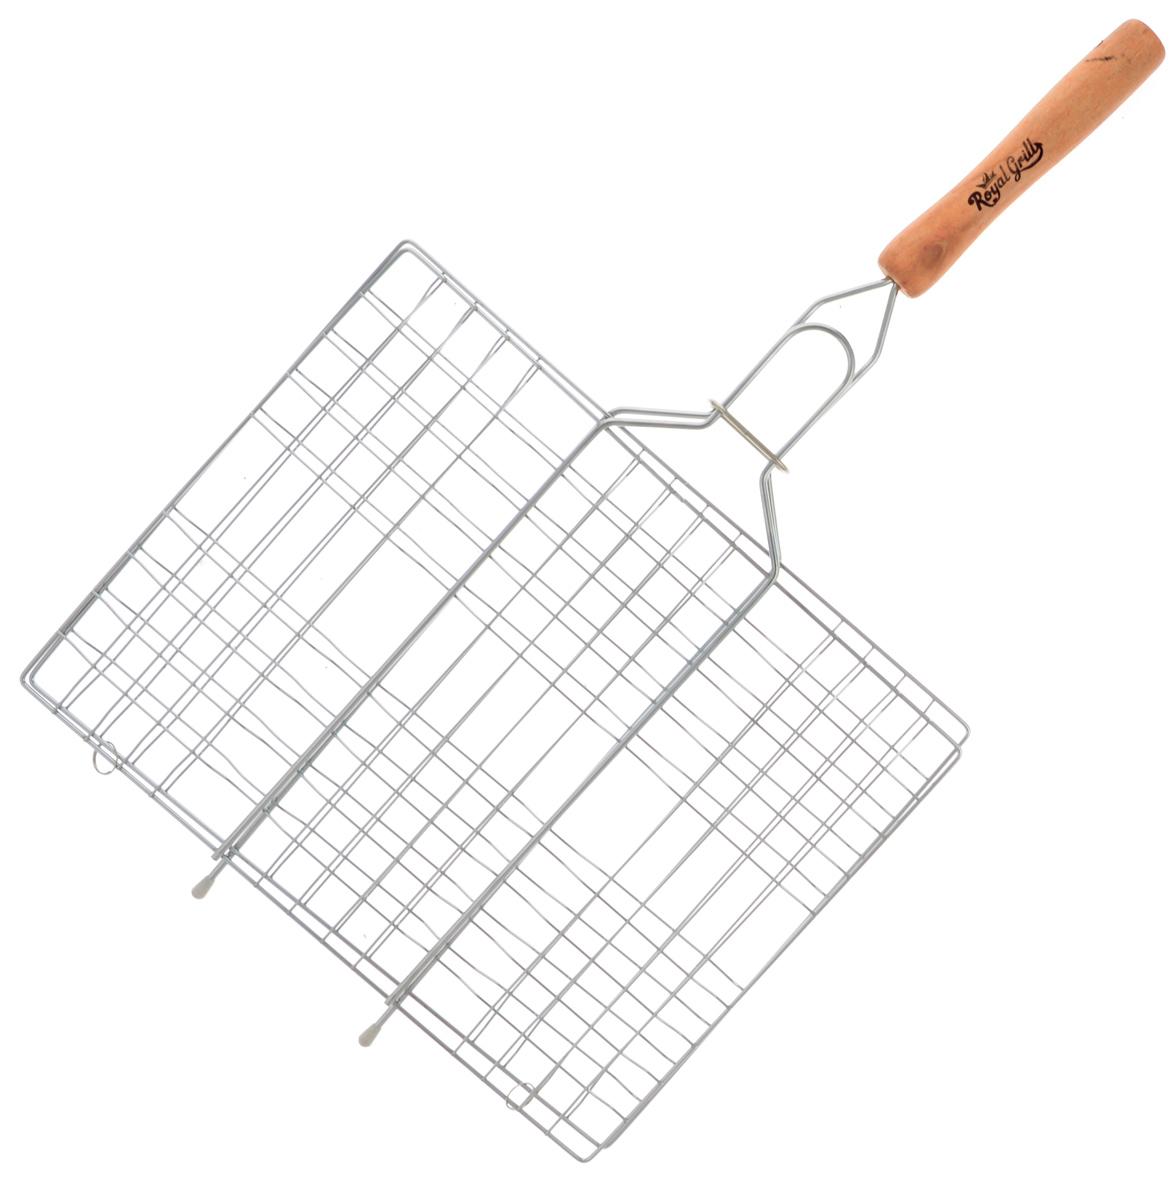 Решетка-гриль RoyalGrill, 31 х 24 см391602Универсальная решетка-гриль RoyalGrill изготовлена из высококачественной стали. На решетке удобно размещать стейки, ребрышки, гамбургеры, сосиски, рыбу, овощи.Решетка предназначена для приготовления пищи на углях. Блюда получаются сочными, ароматными, с аппетитной специфической корочкой. Рукоятка изделия оснащена деревянной вставкой и фиксирующей скобой, которая зажимает створки решетки. Размер рабочей поверхности решетки (без учета усиков): 31 х 24 см.Общая длина решетки (с ручкой): 54 см.